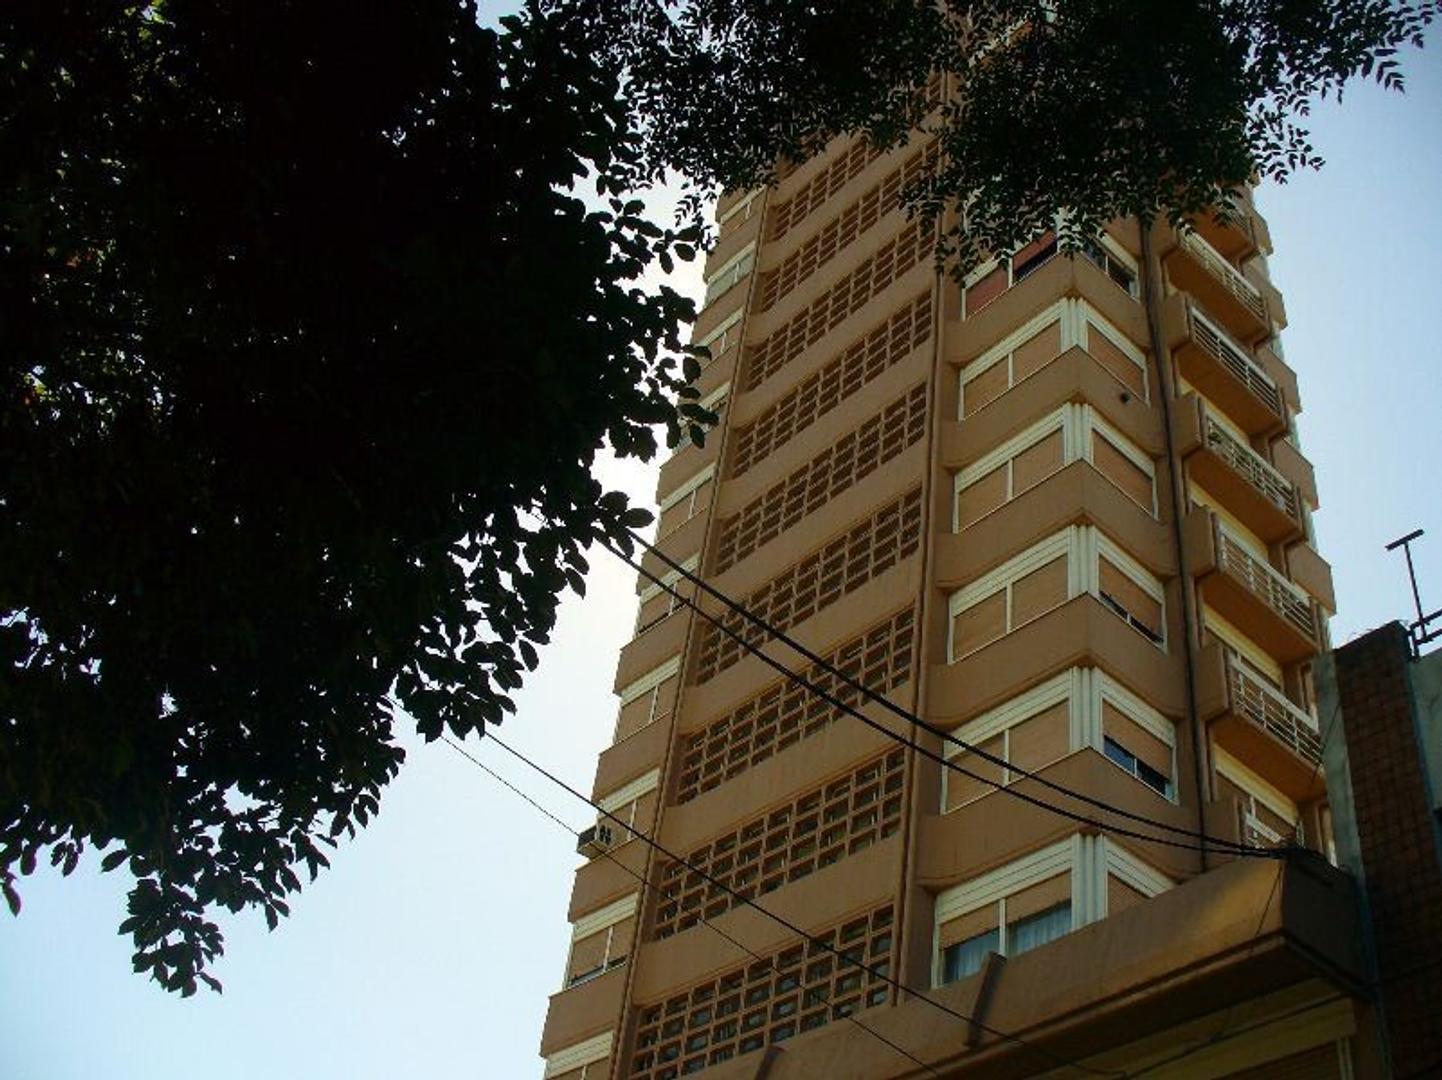 Departamento en Alquiler en San Isidro Centro - 2 ambientes